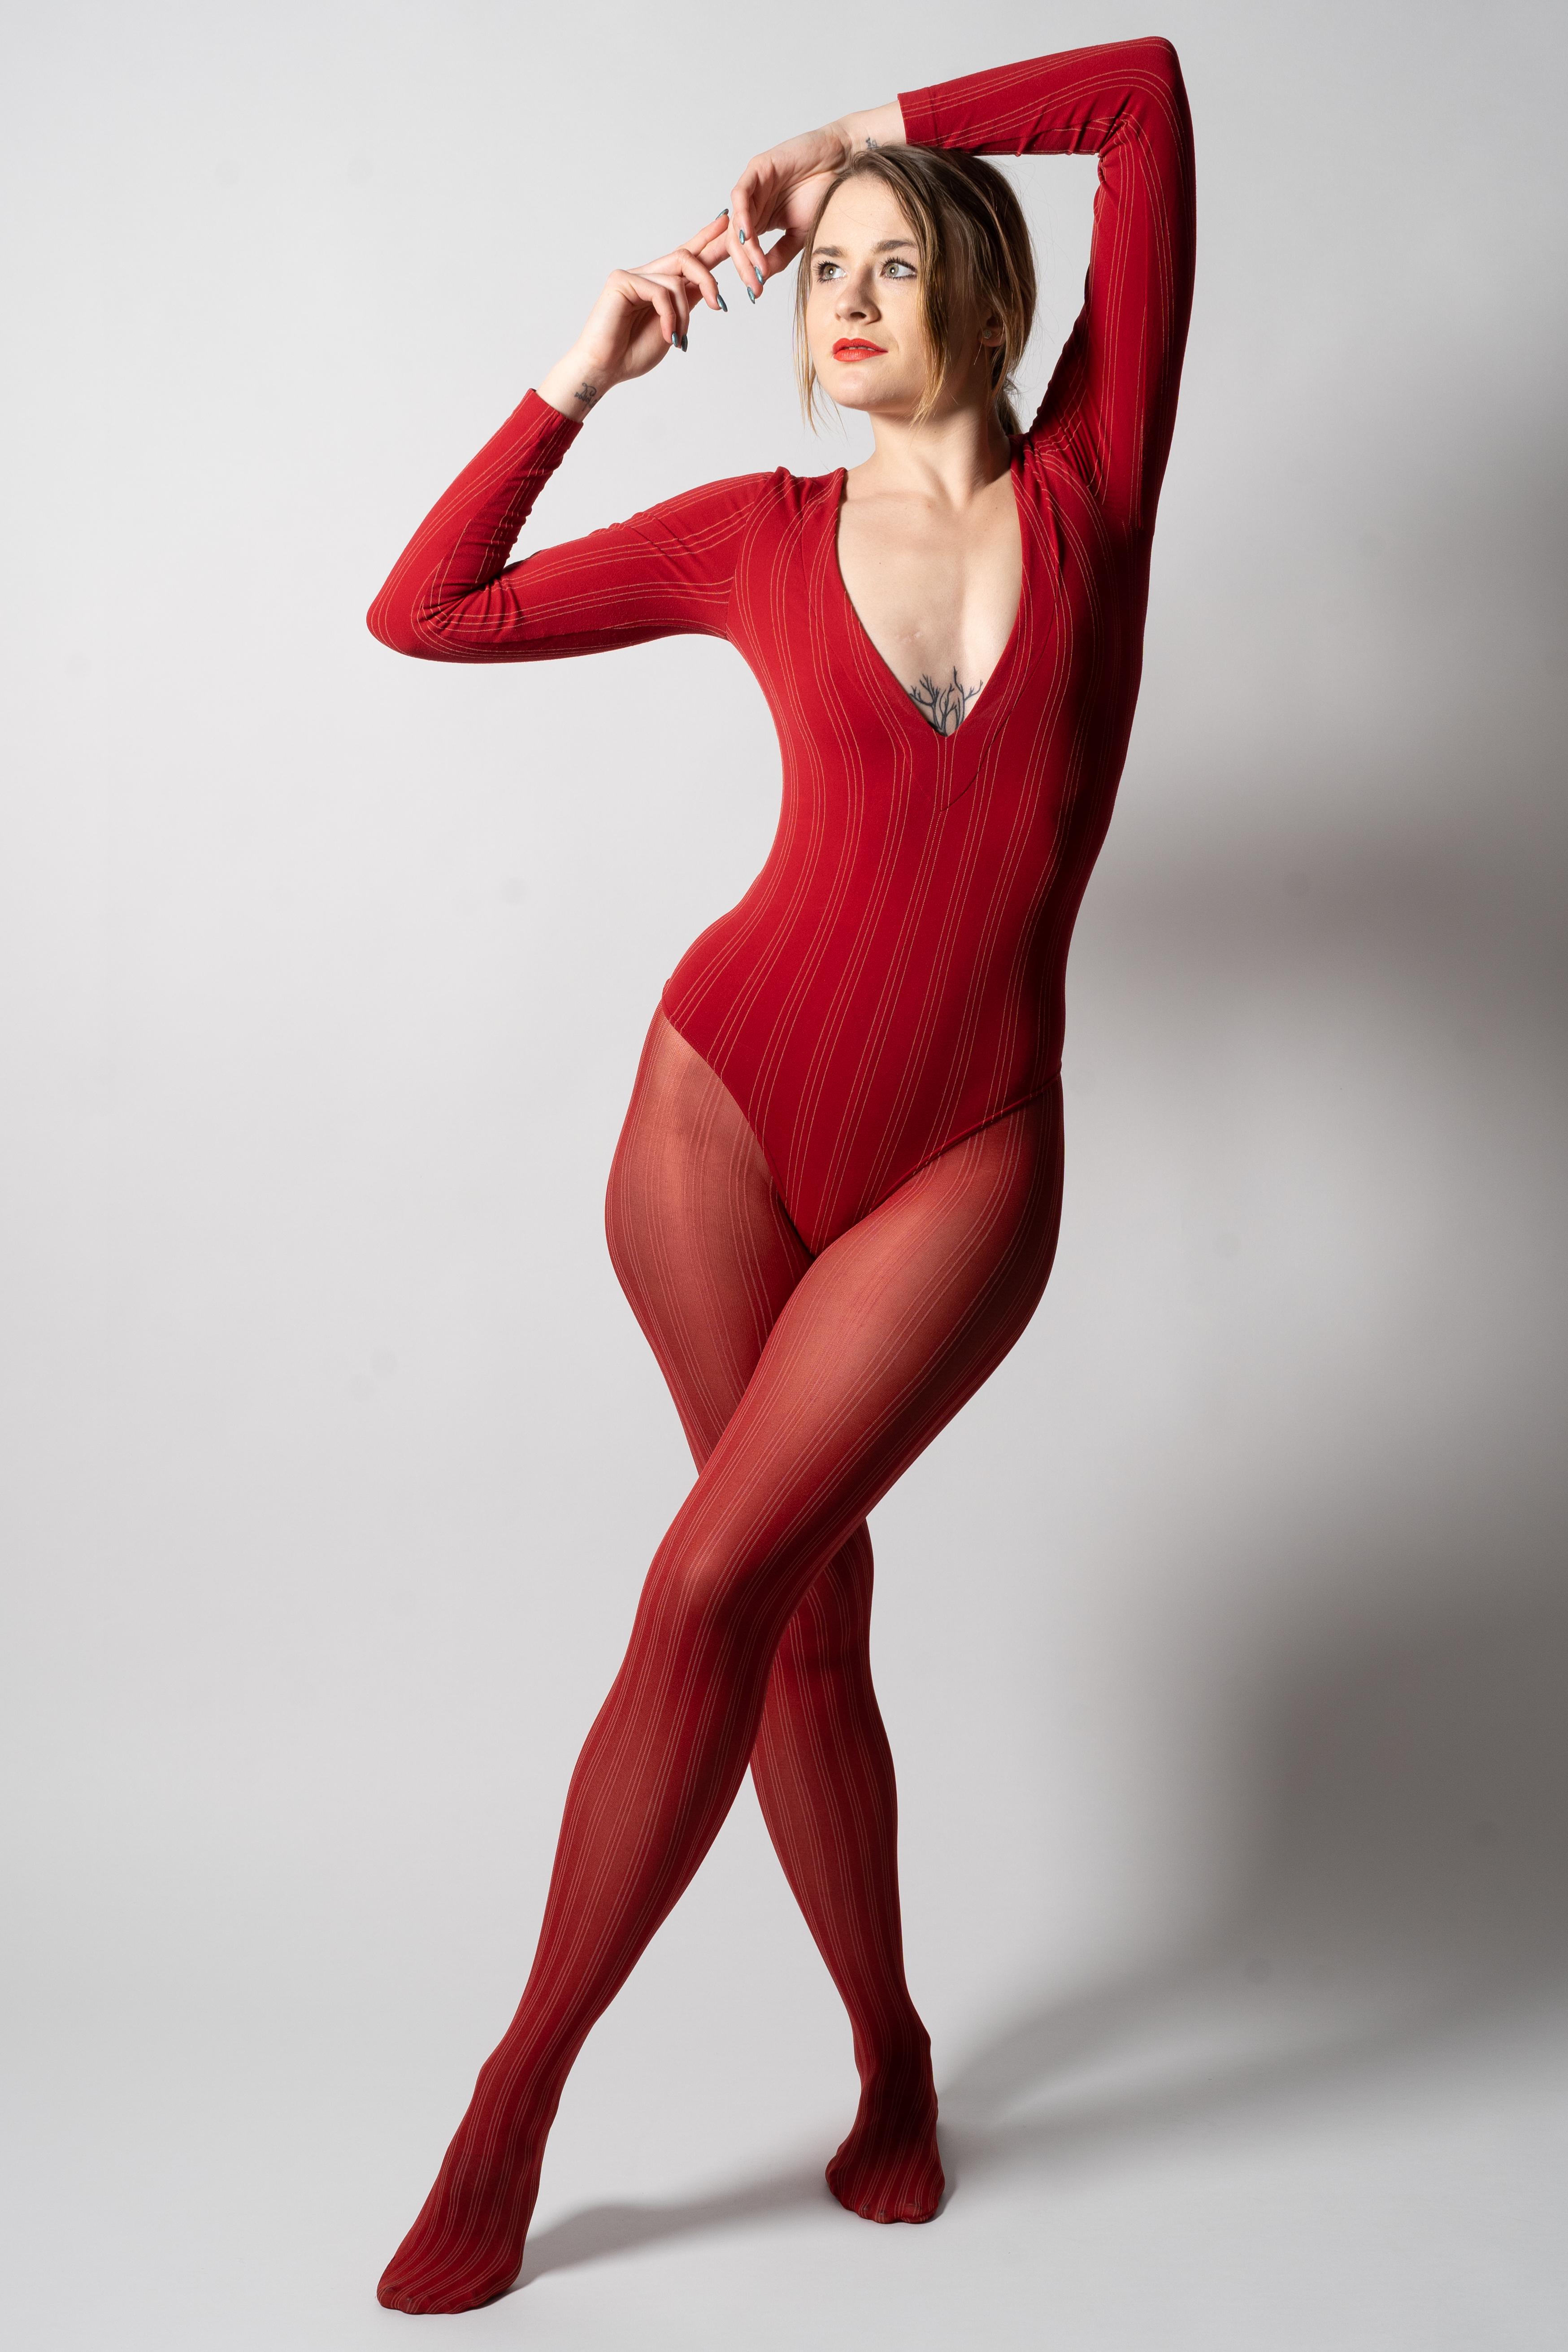 Anastasia voloshina model работа девушке в подольске